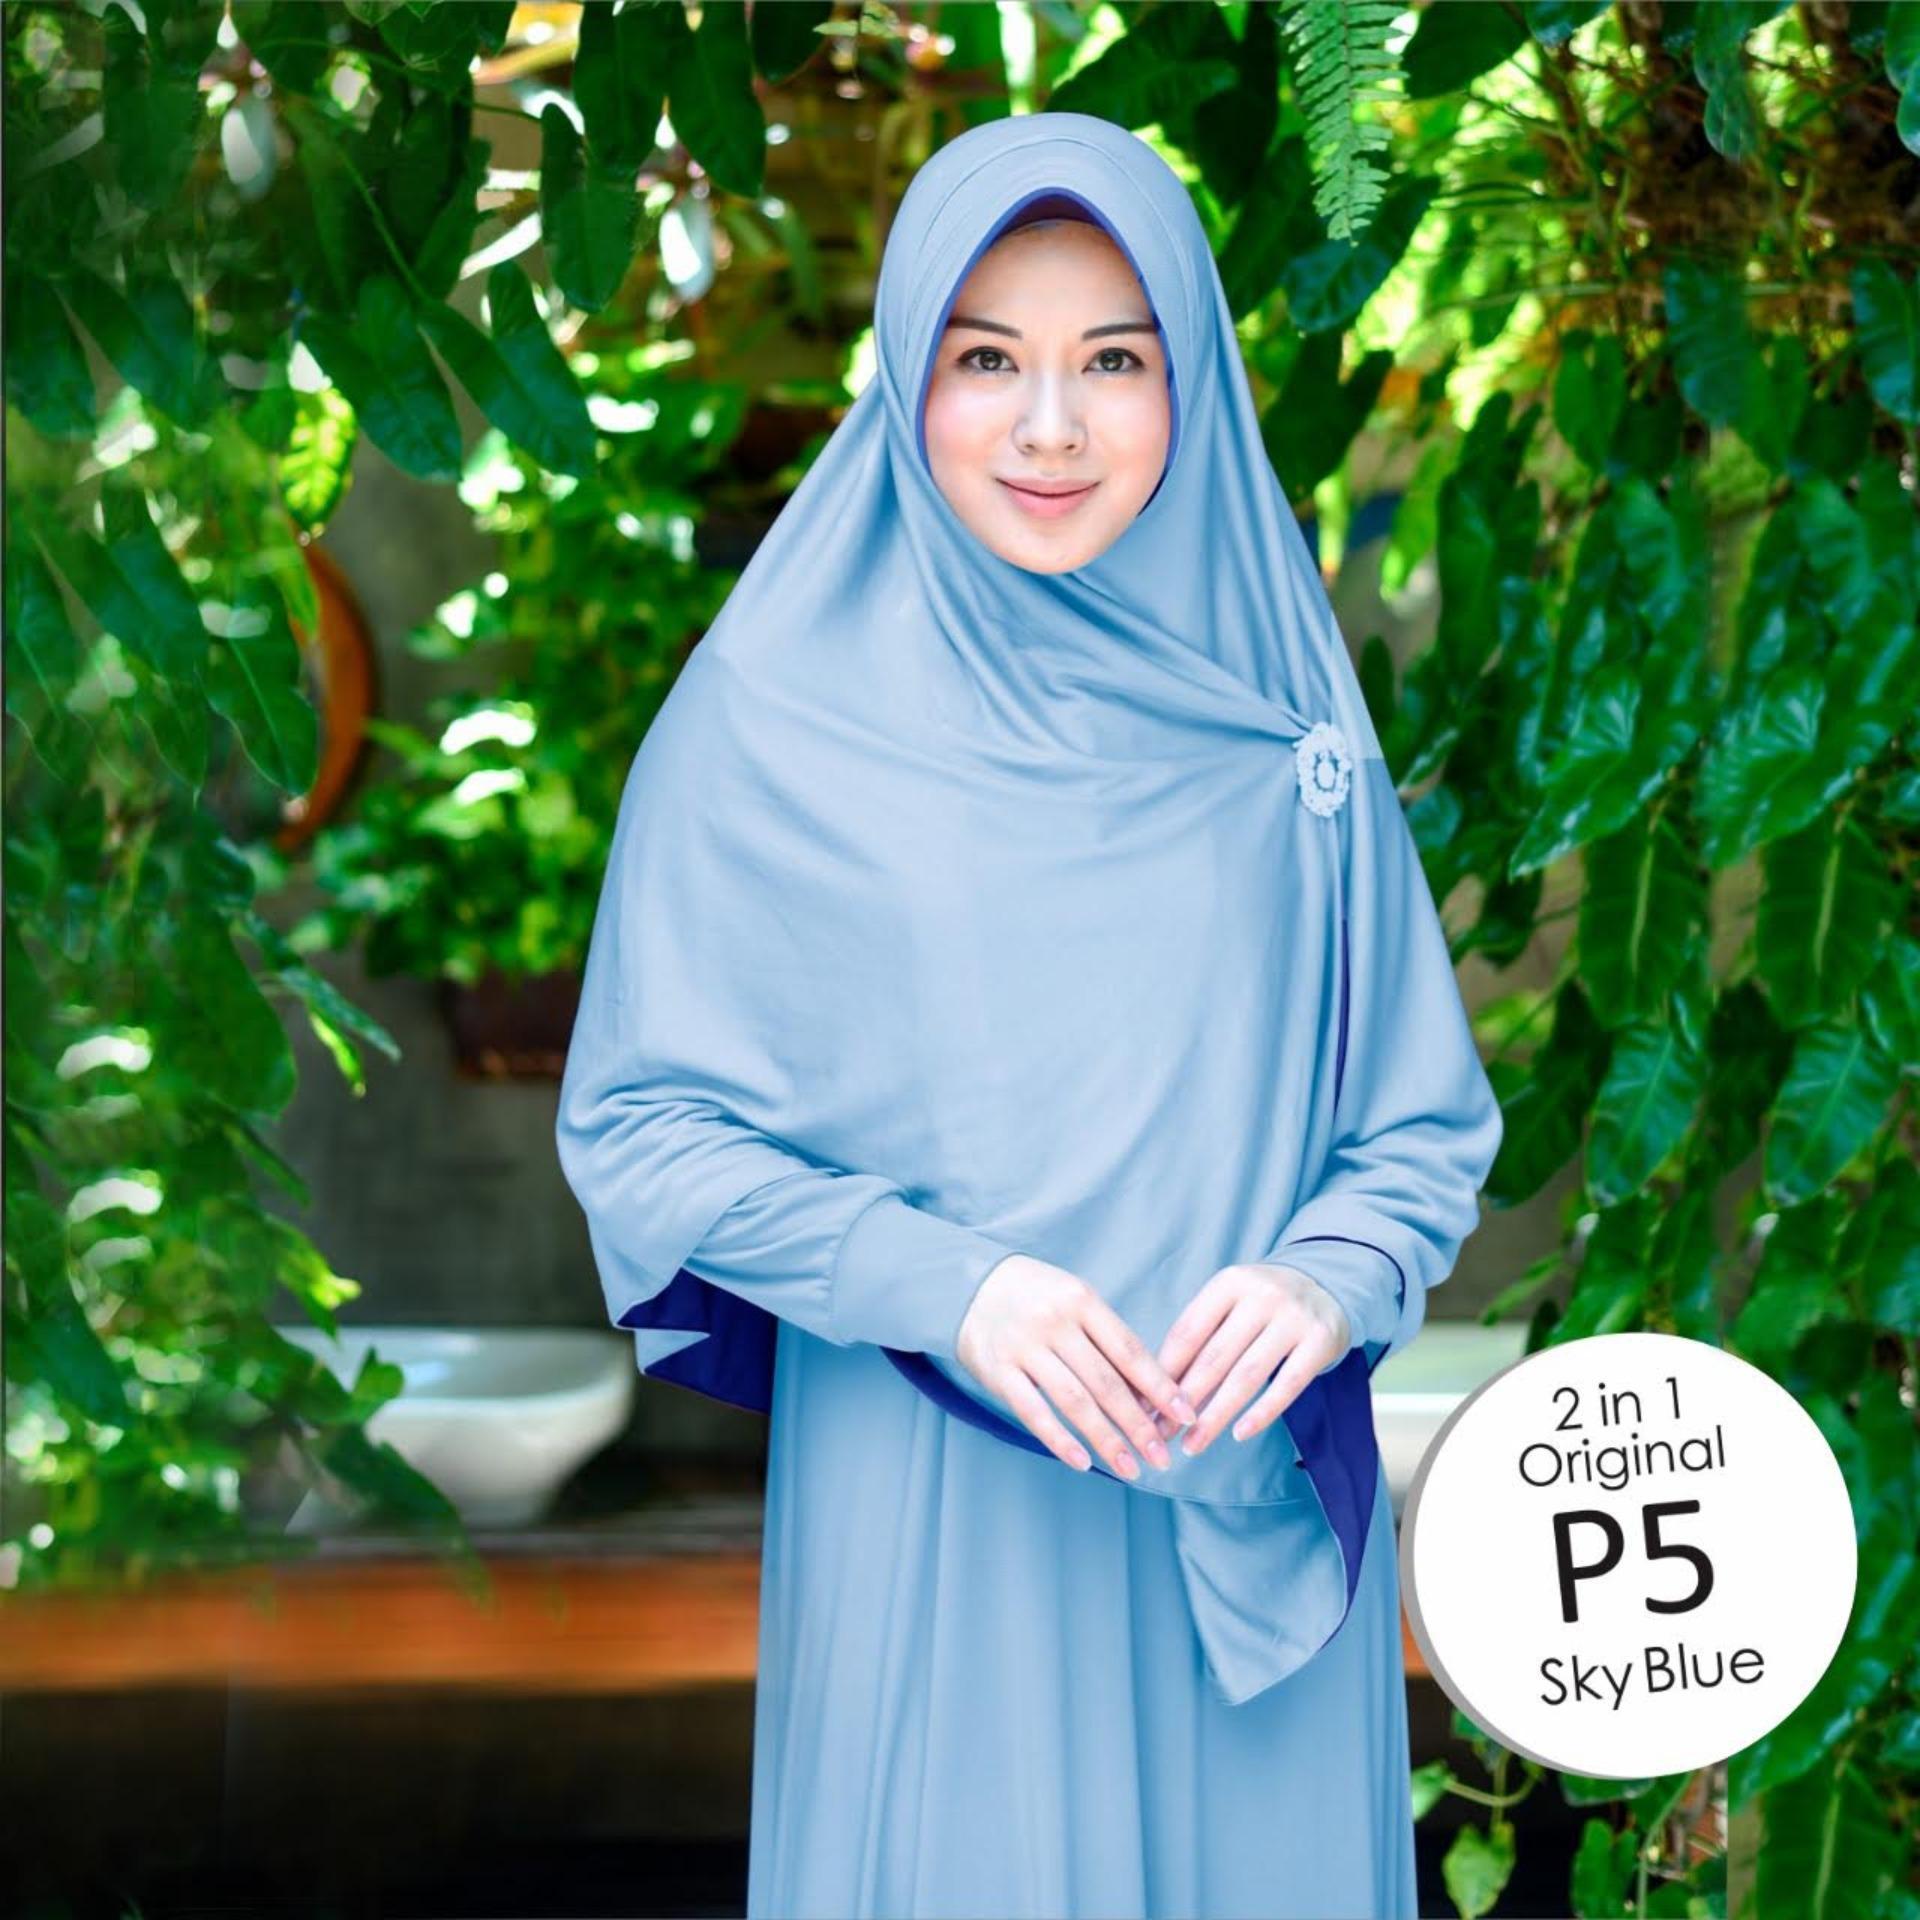 Jilbab 2 Warna / Kerudung Fashion Wanita Muslim / Bolak Balik / Instan Dua Warna Polos Jumbo / Syari Bergo Besar Murah